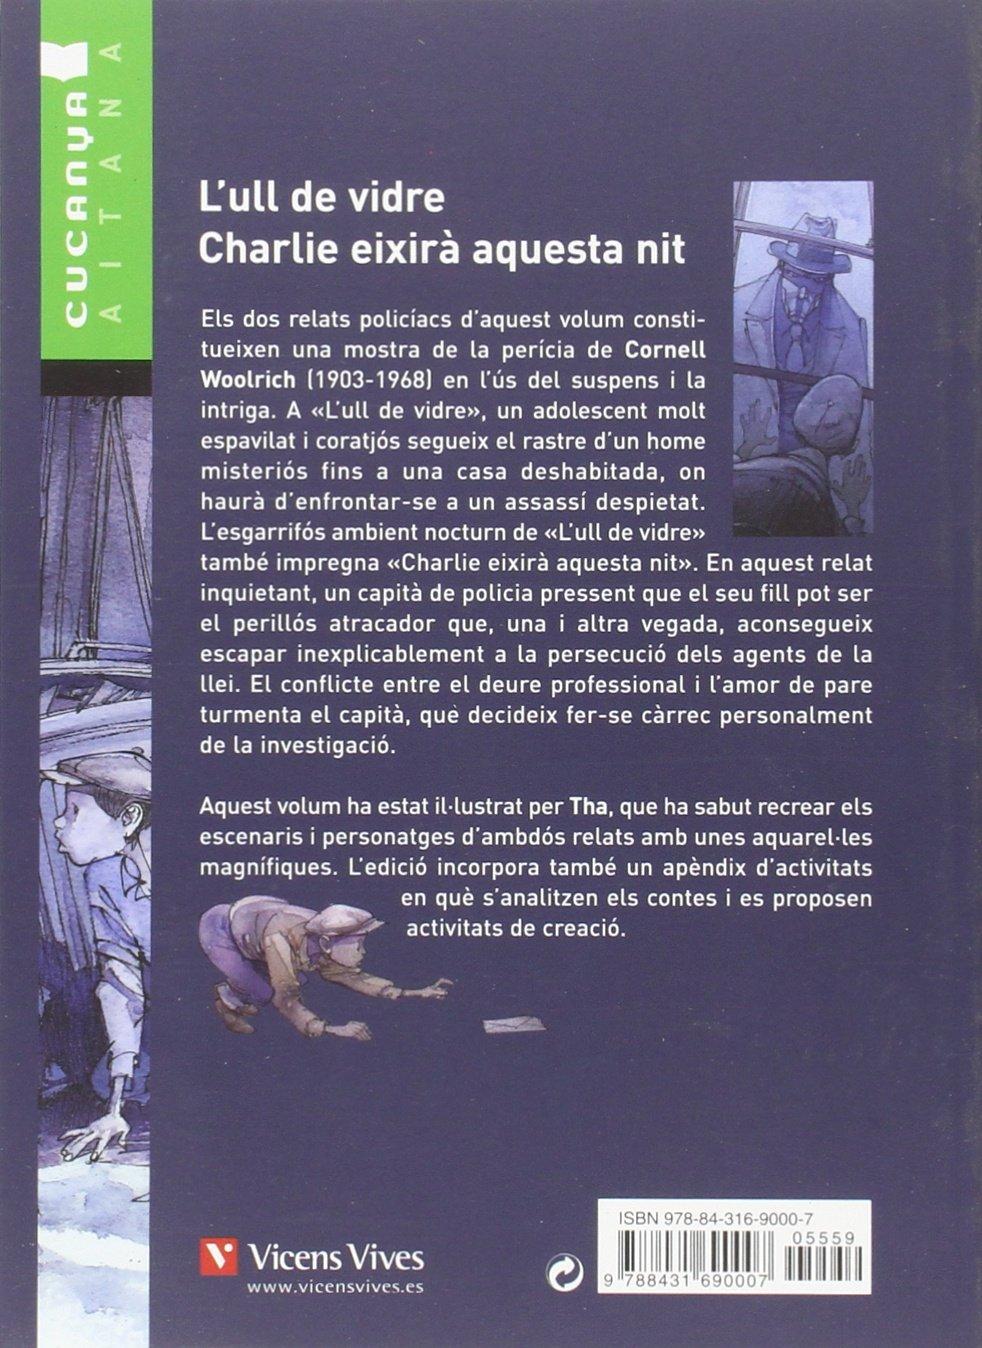 Lull De Vidre. Charlie .... - Aitana Col.lecció Cucanya Aitana - 9788431690007: Amazon.es: Woolrich, Cornell, Santamaria España, Josep, Tharrats Pascual, Agustin